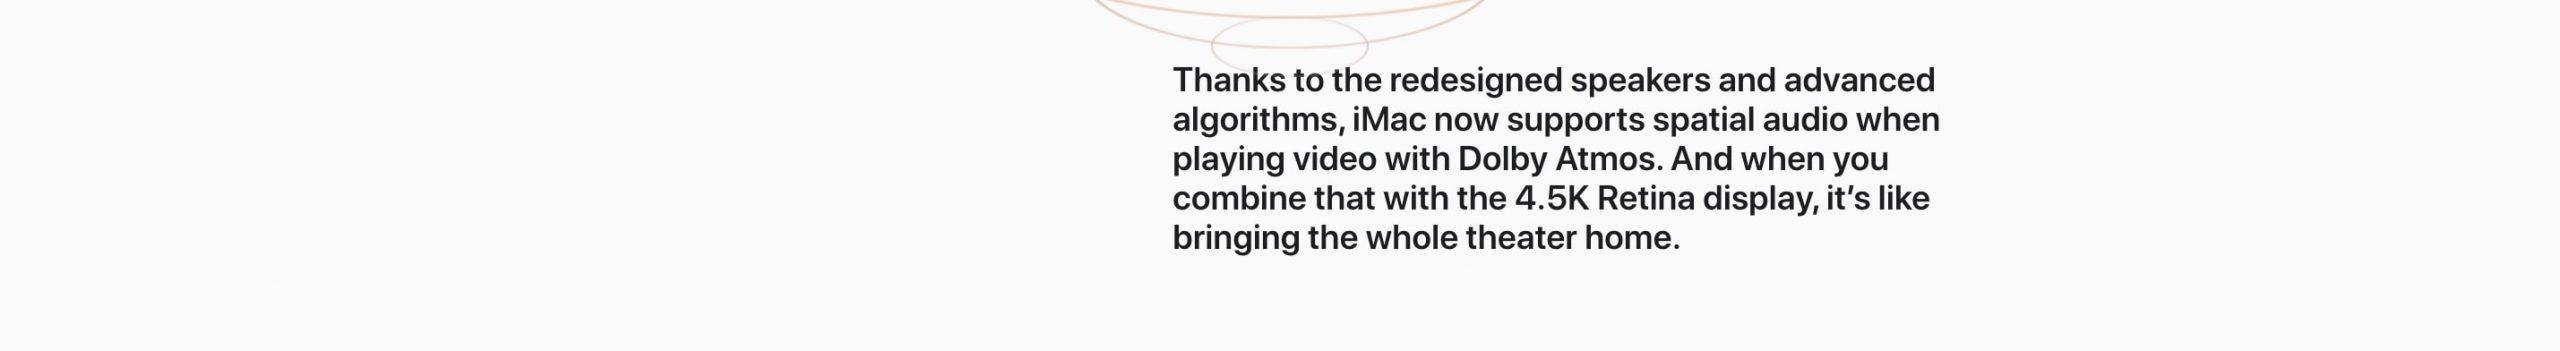 Apple 24 inch iMac 4.5K M18C CPU 7C GPU:8C GPU 256GB SSD_alphastore kuwait_21